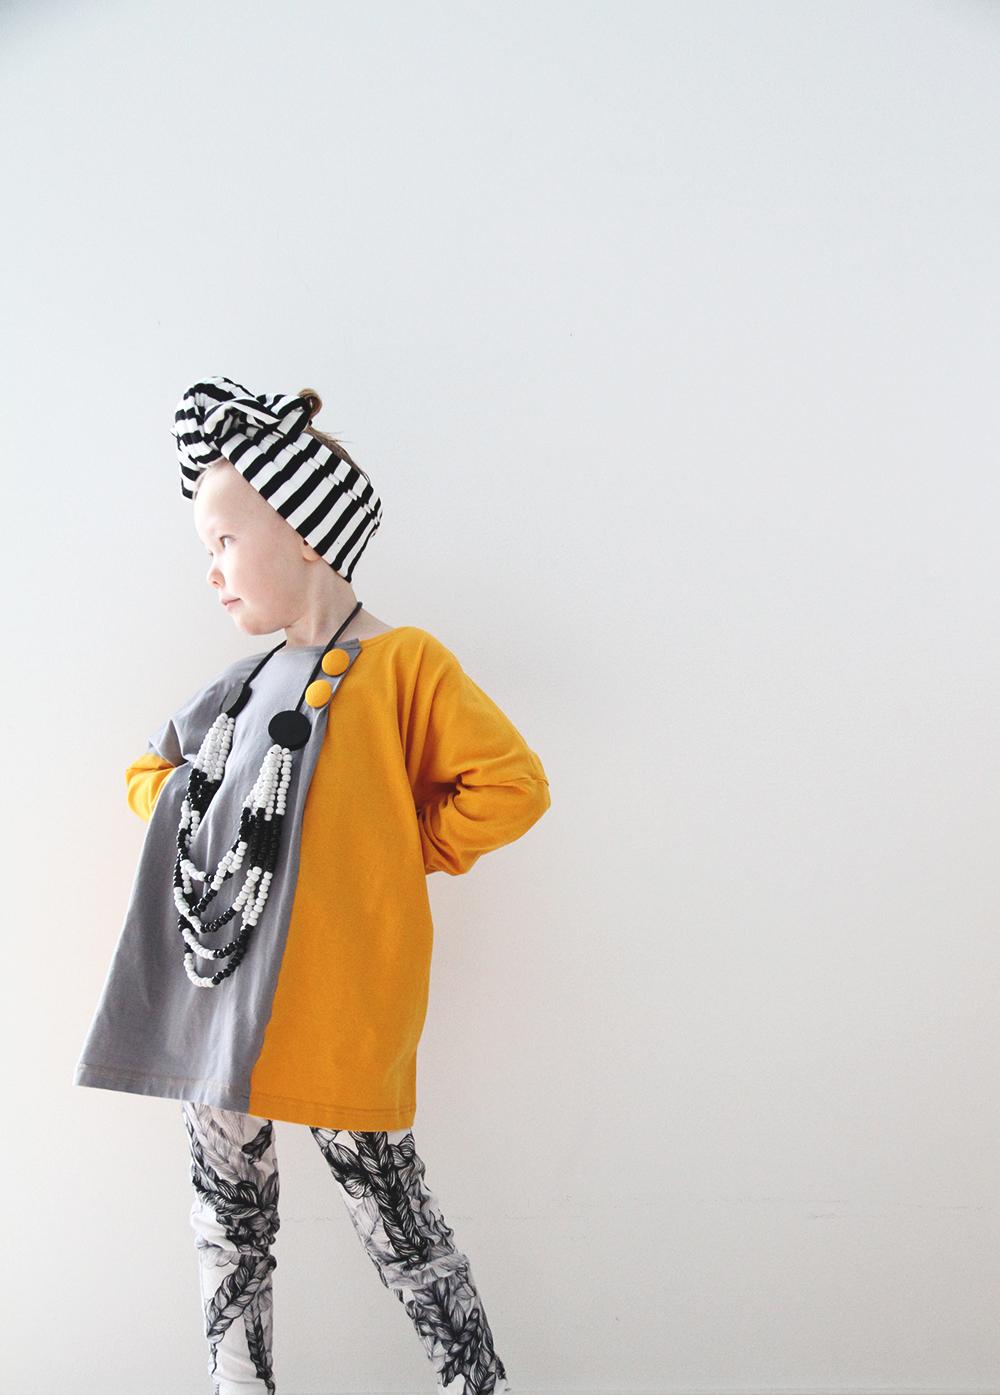 hunajaista marimekko vimma siiri lastenvaatteet muoti aitiysblogi mammablogi